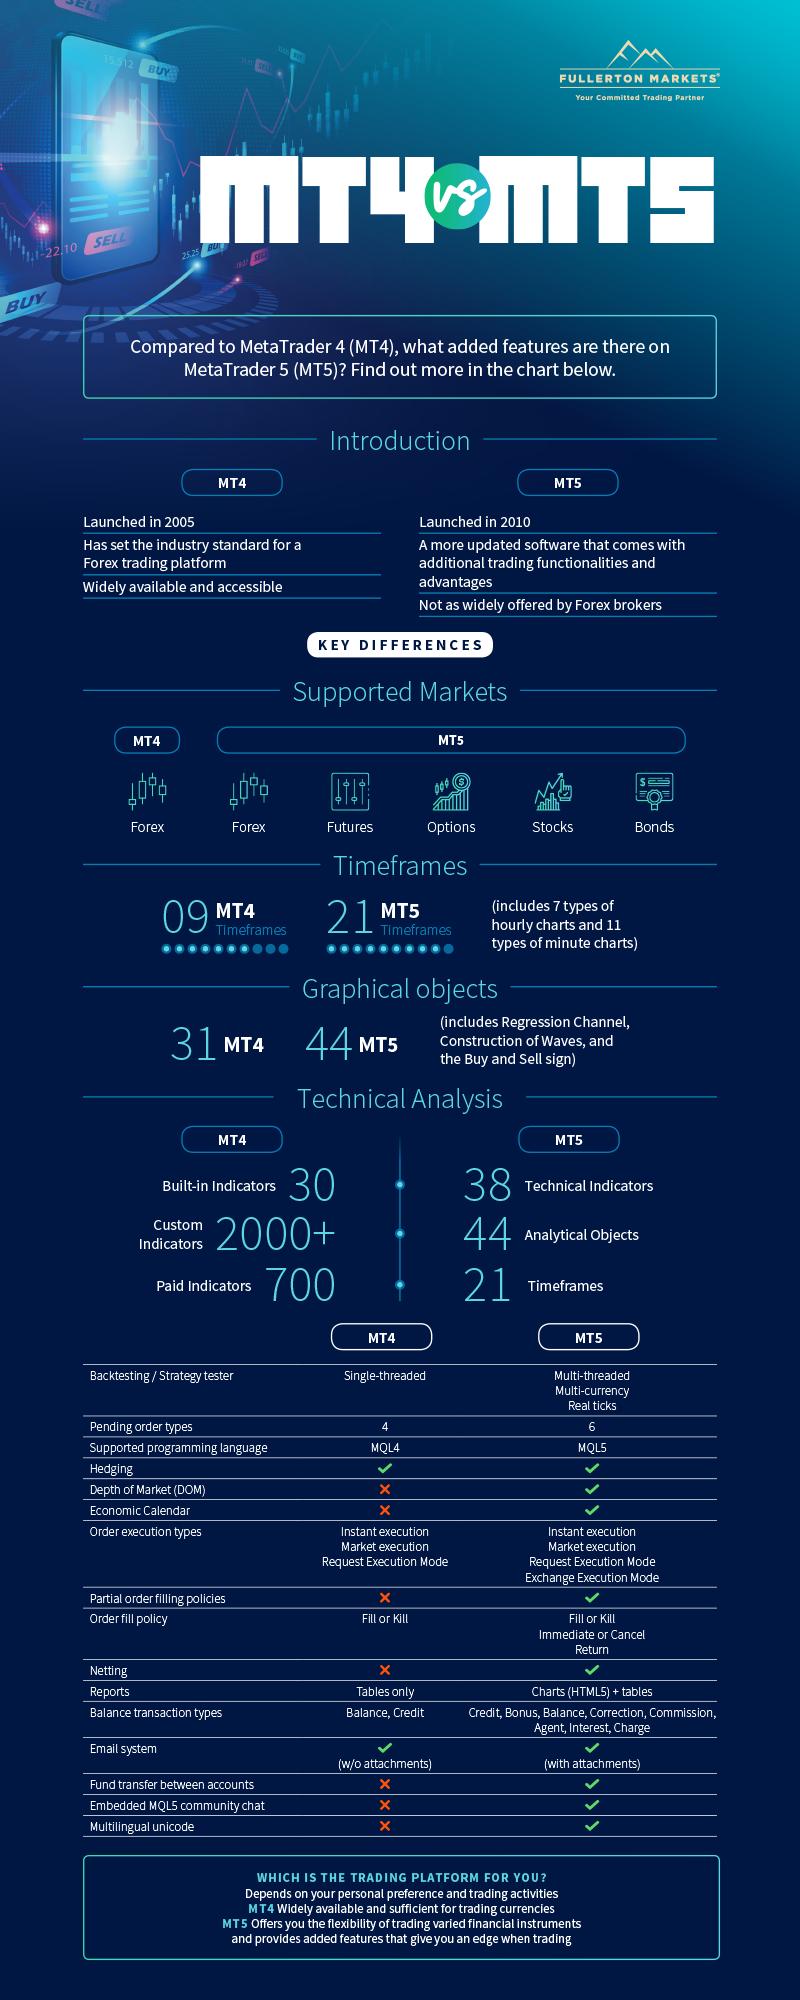 infographic of MT4 vs MT5 features comparison